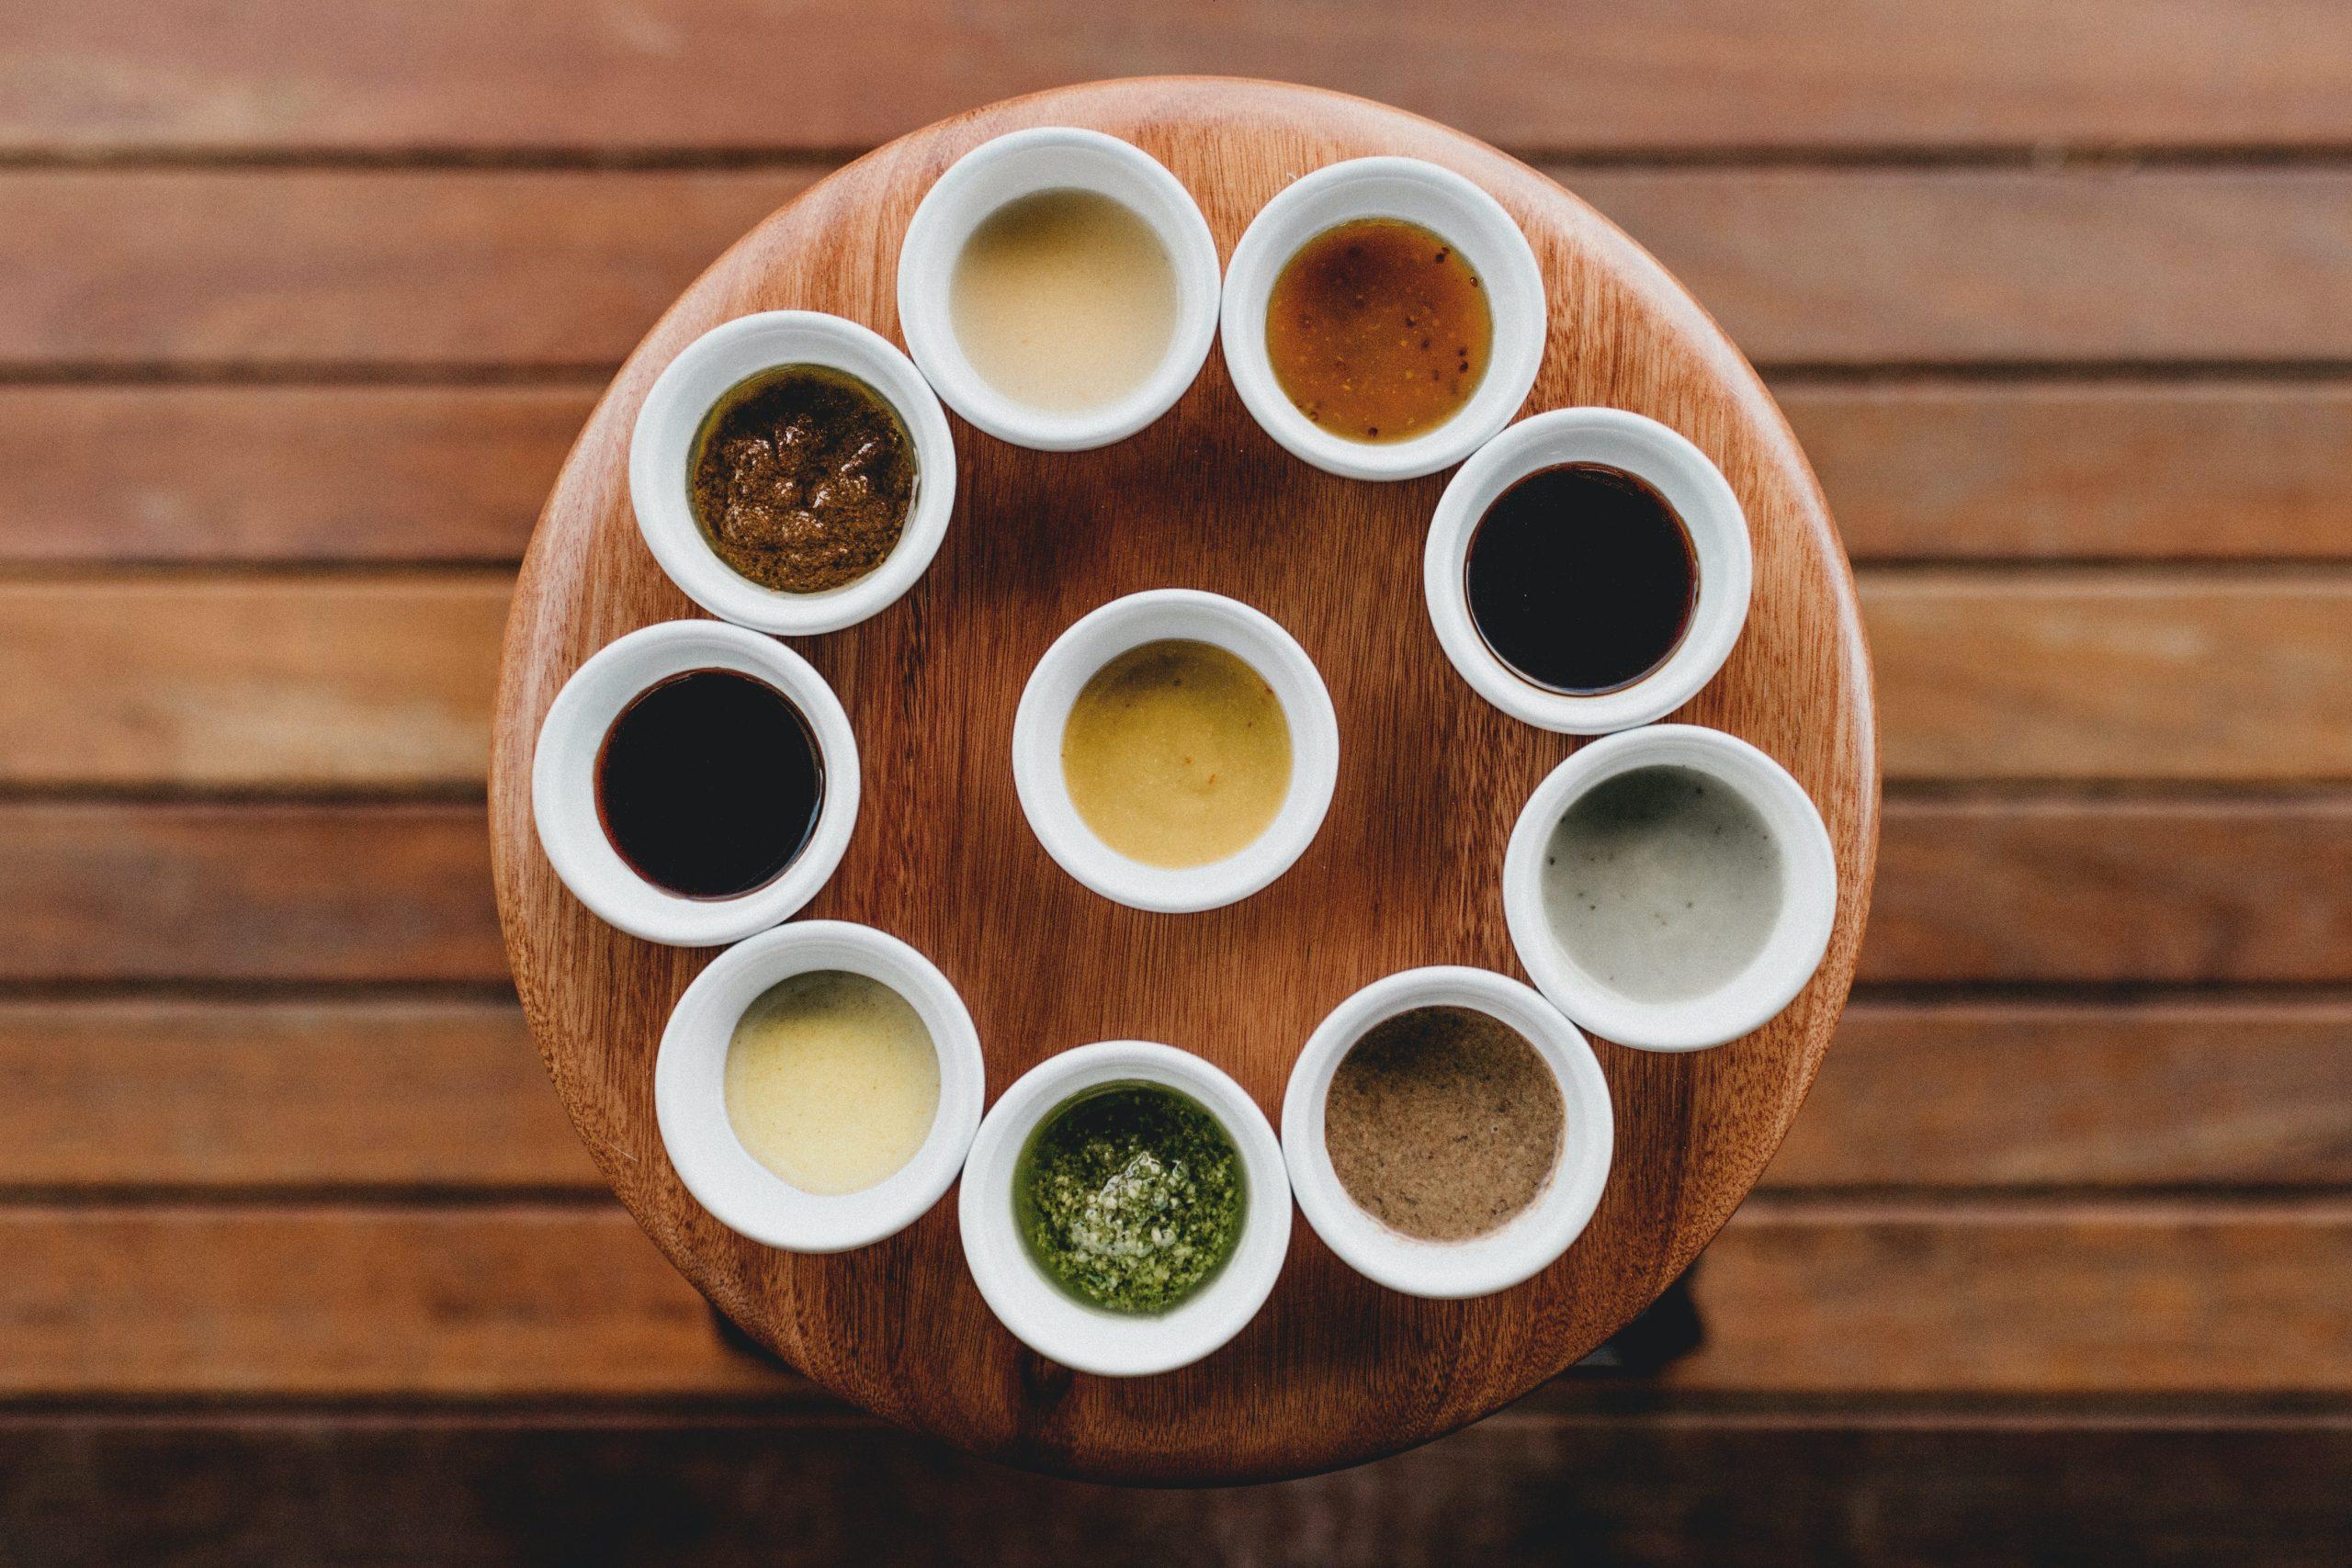 sauce variety